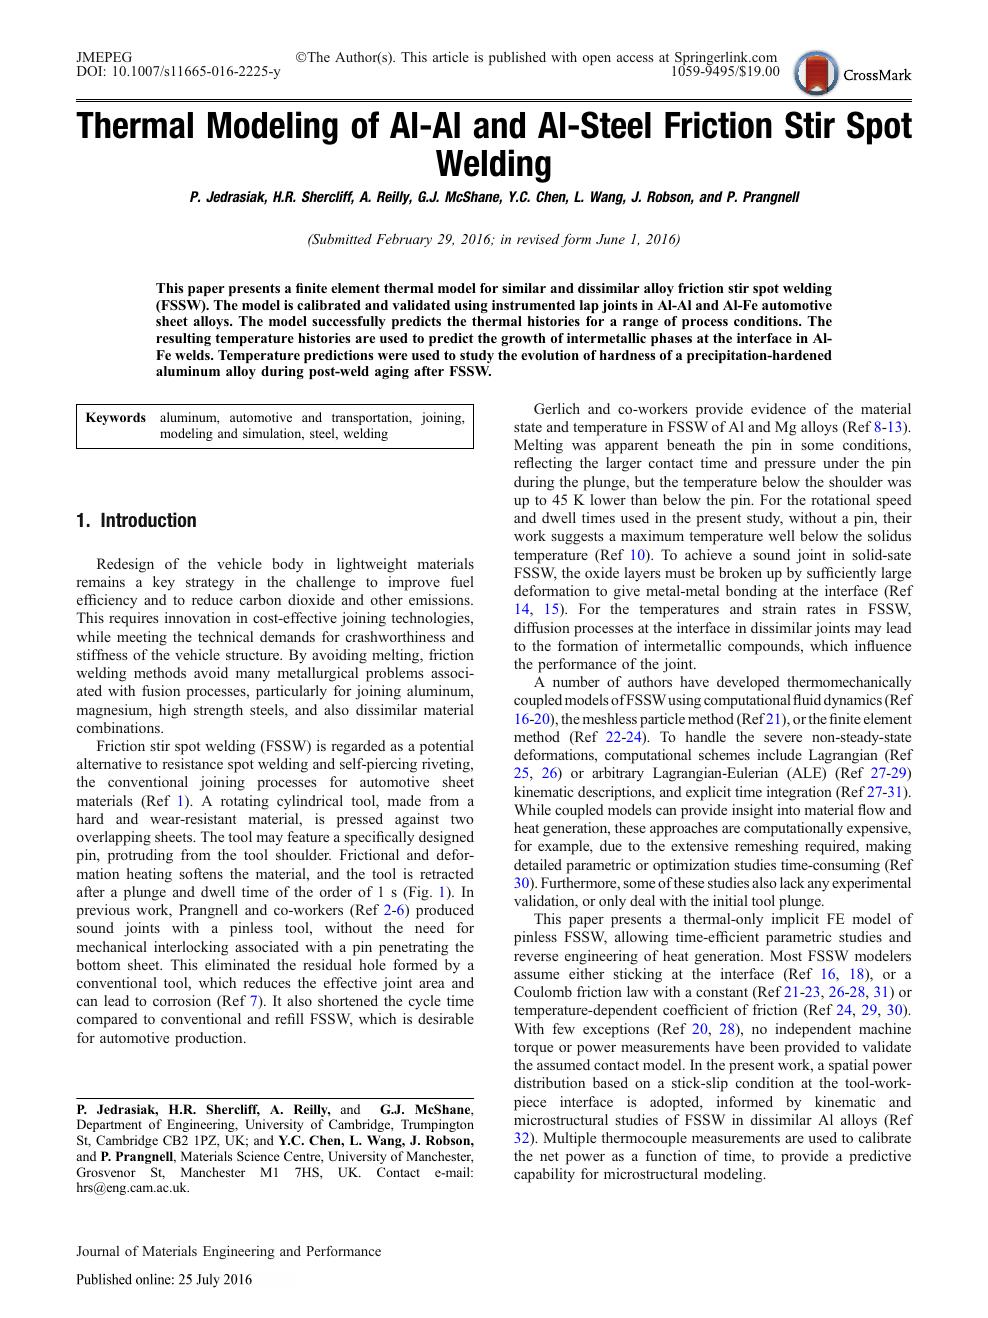 friction stir spot welding (fssw) - a literature review